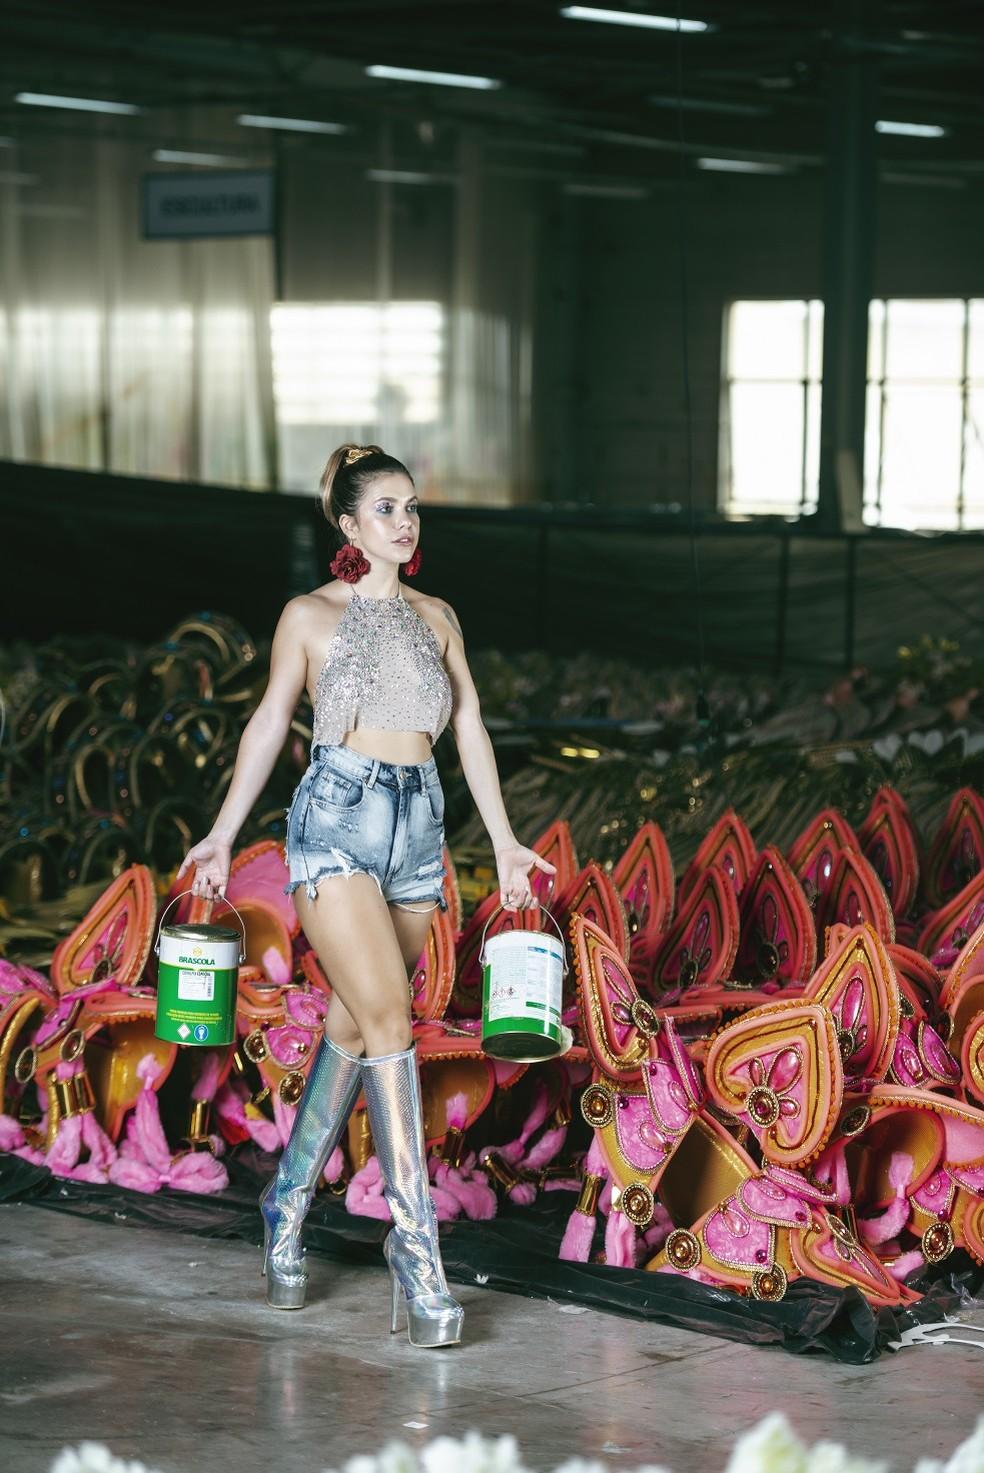 Atriz conta que está malhando pesado para fazer bonito na Beija-Flor — Foto: Vinícius Mochizuki/Divulgação